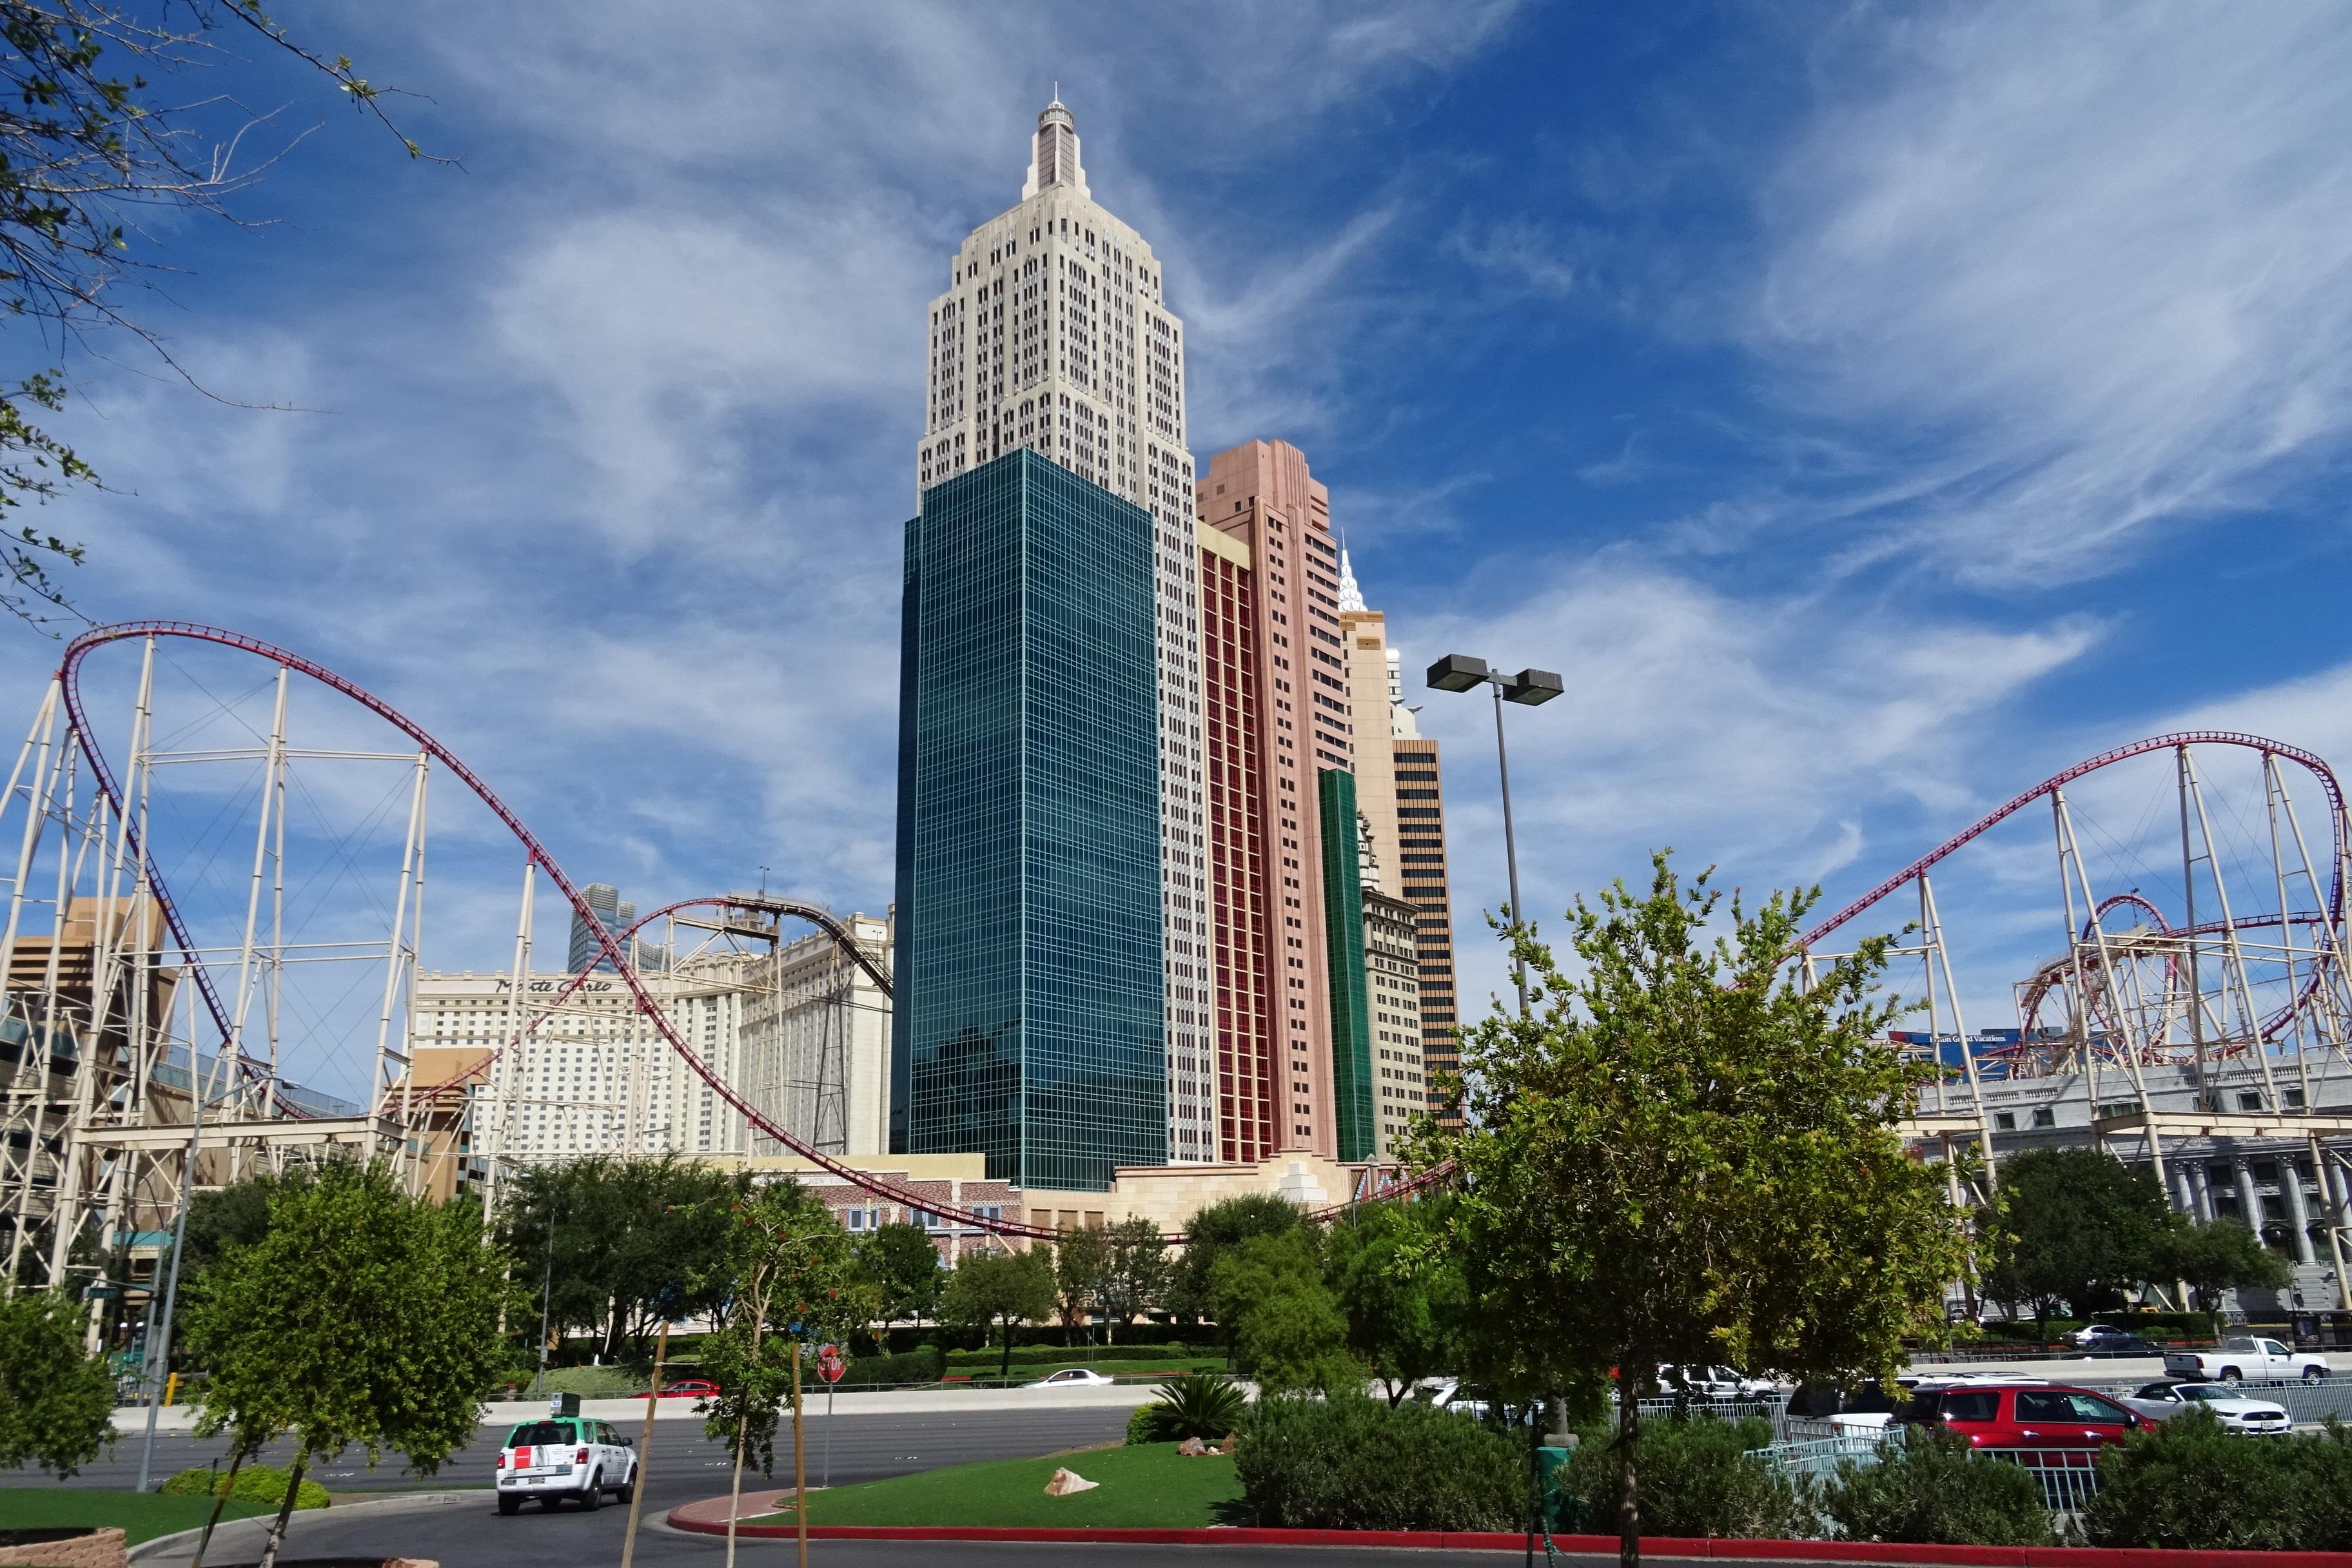 картинки : линия горизонта, небоскреб, городской пейзаж, в центре города, парк развлечений, Башня, Площадь, США, Америка, Ориентир, Бульвар, Туризм, кирпич, ...